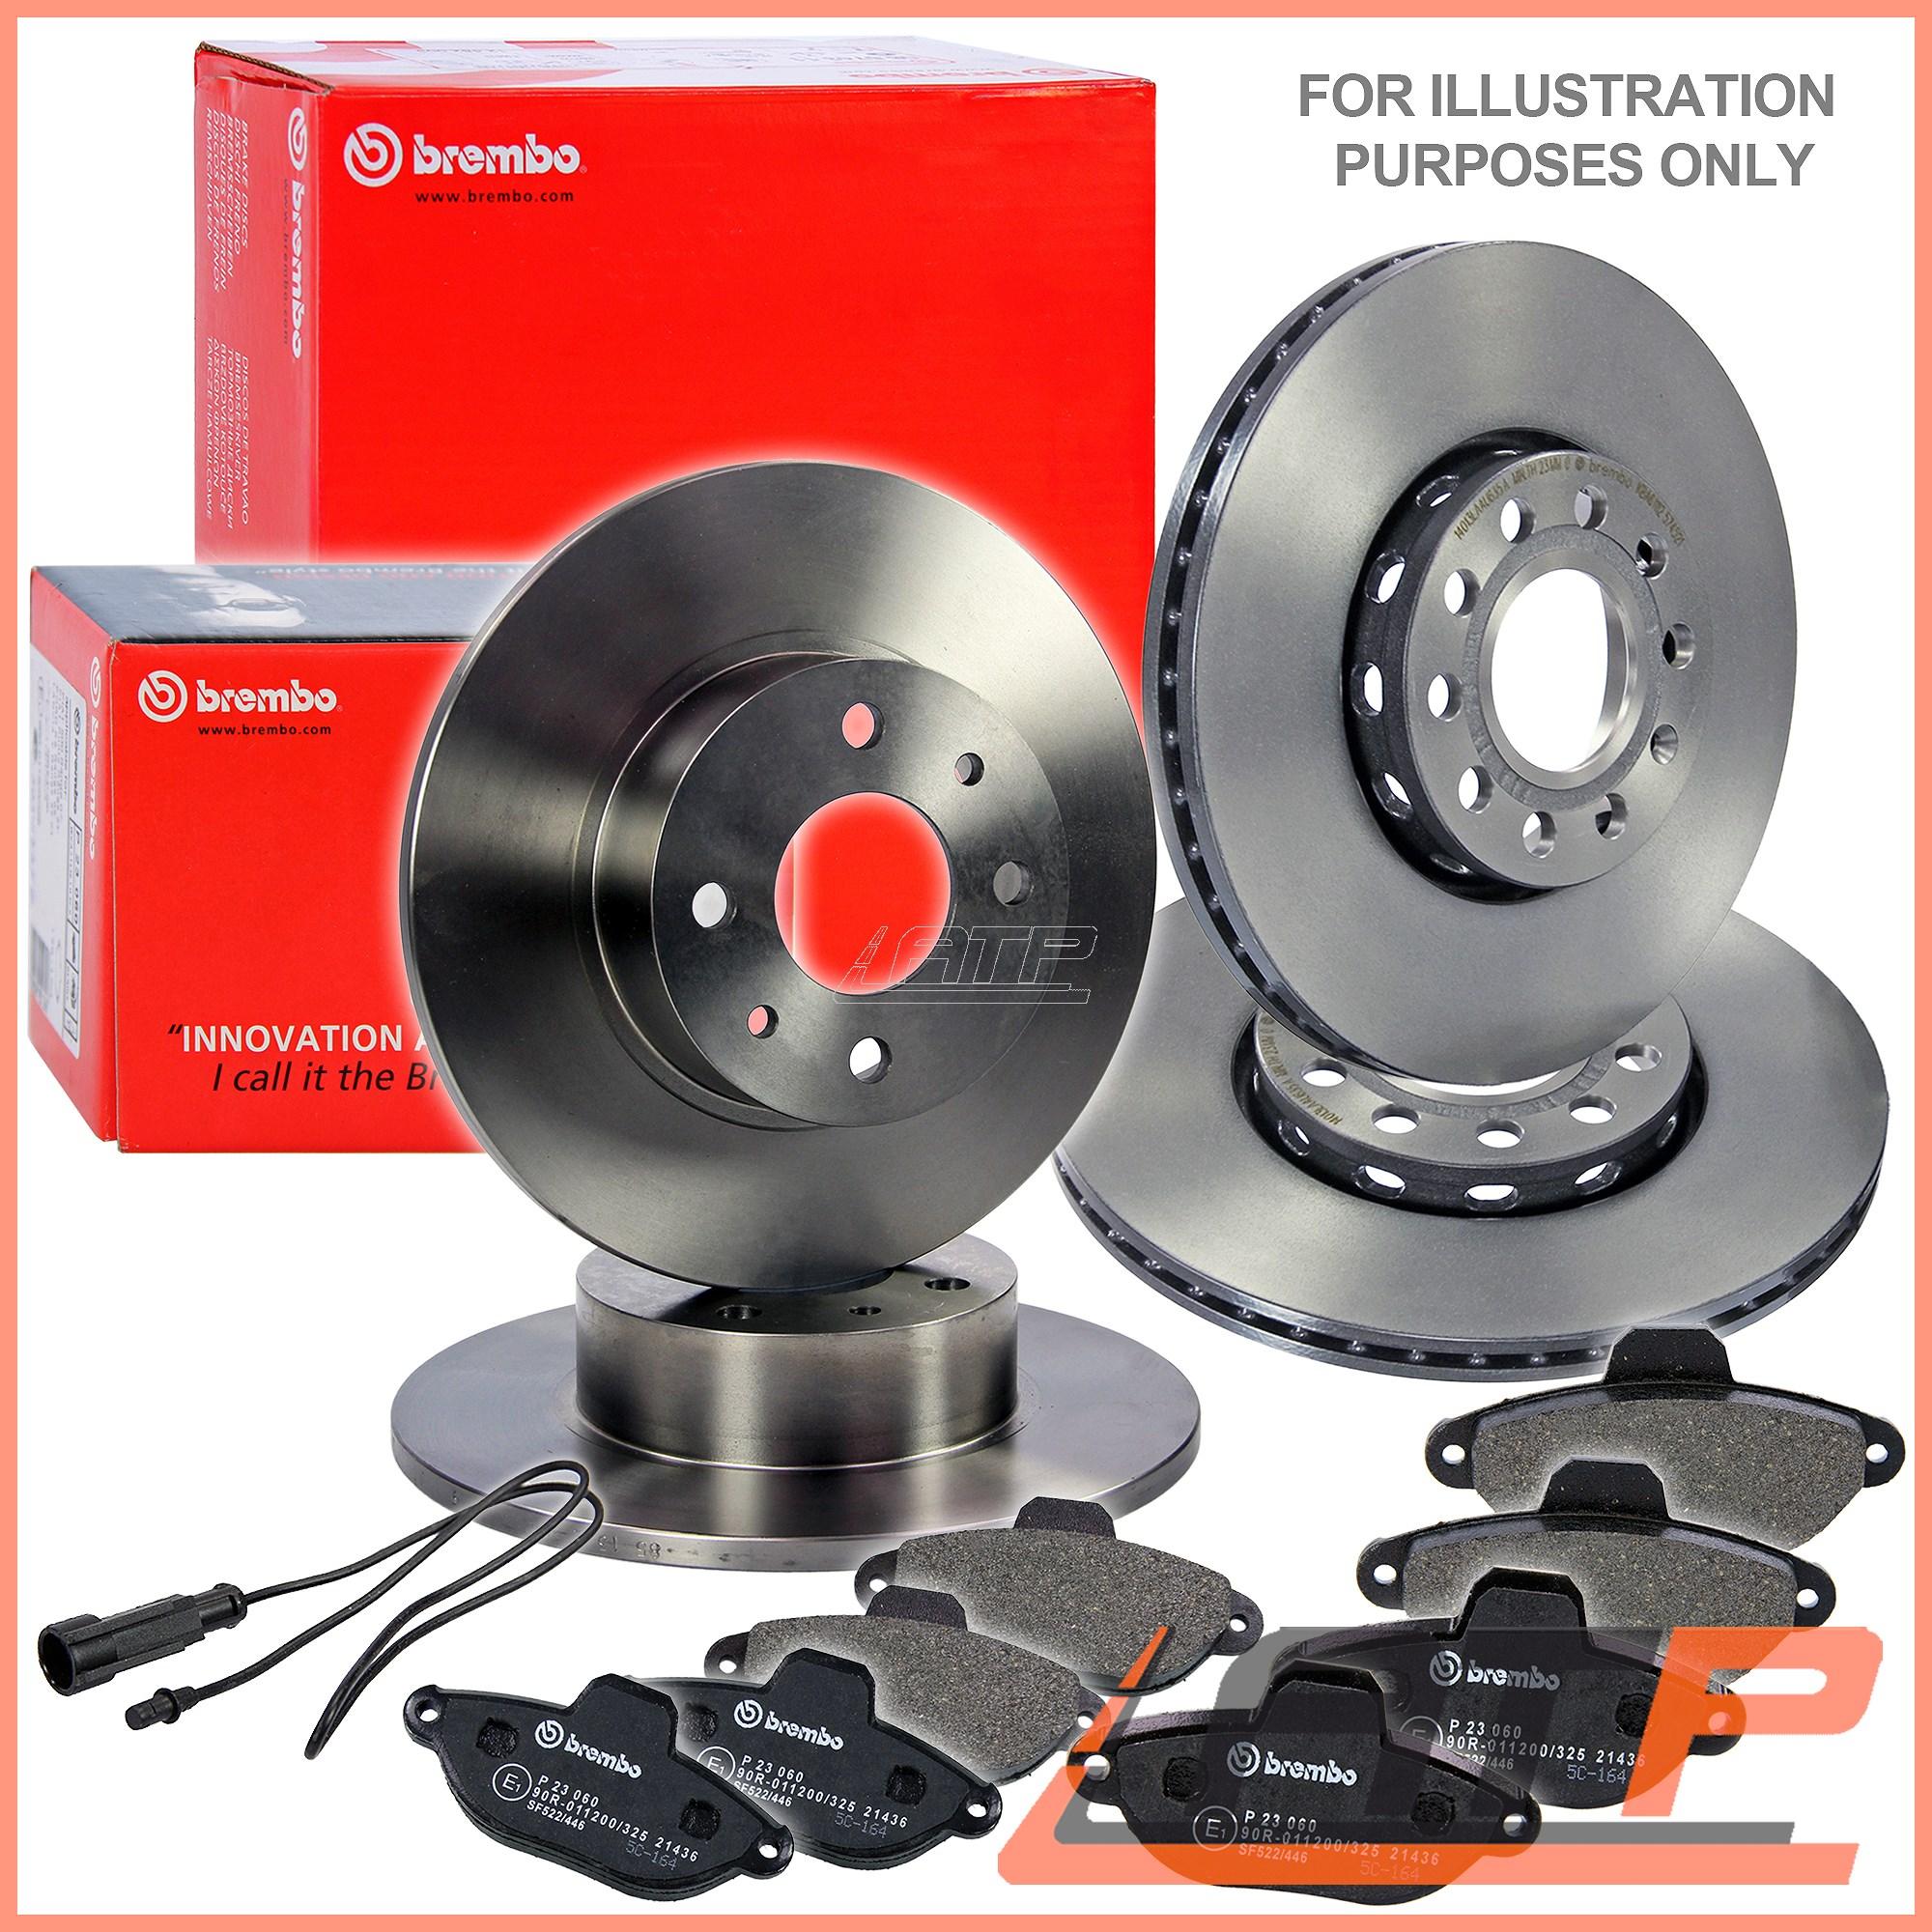 Brembo Brake Pads >> Podrobnye Svedeniya O 4x Brembo Brake Disc Vented O280 Front O253 Rear Solid Pads Vw Caddy Mk 3 04 15